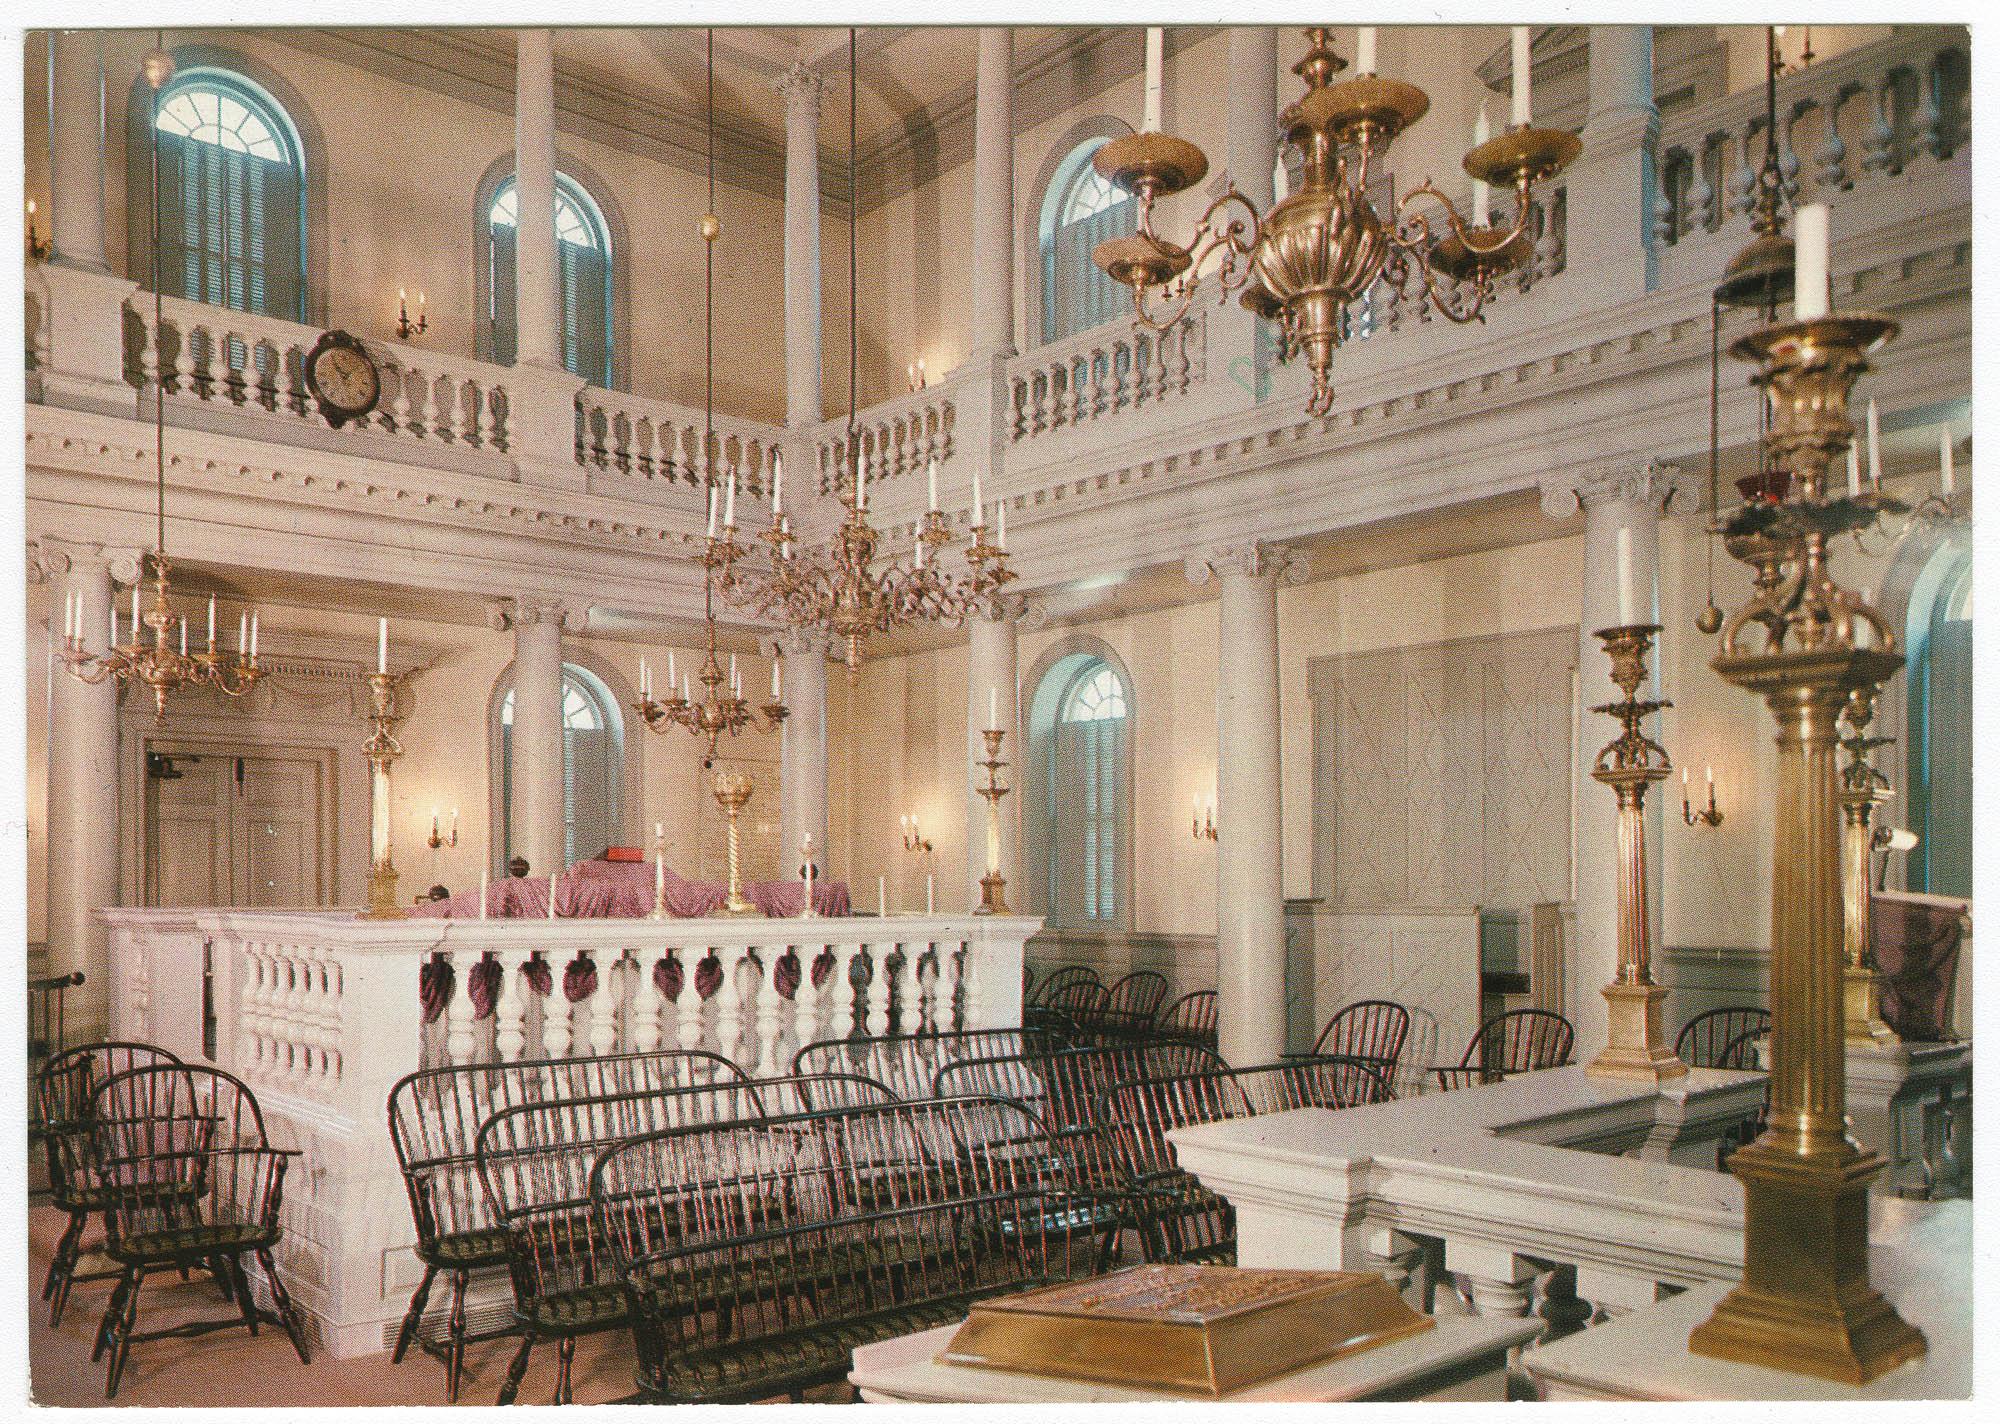 Touro Synagogue - Newport, R.I.